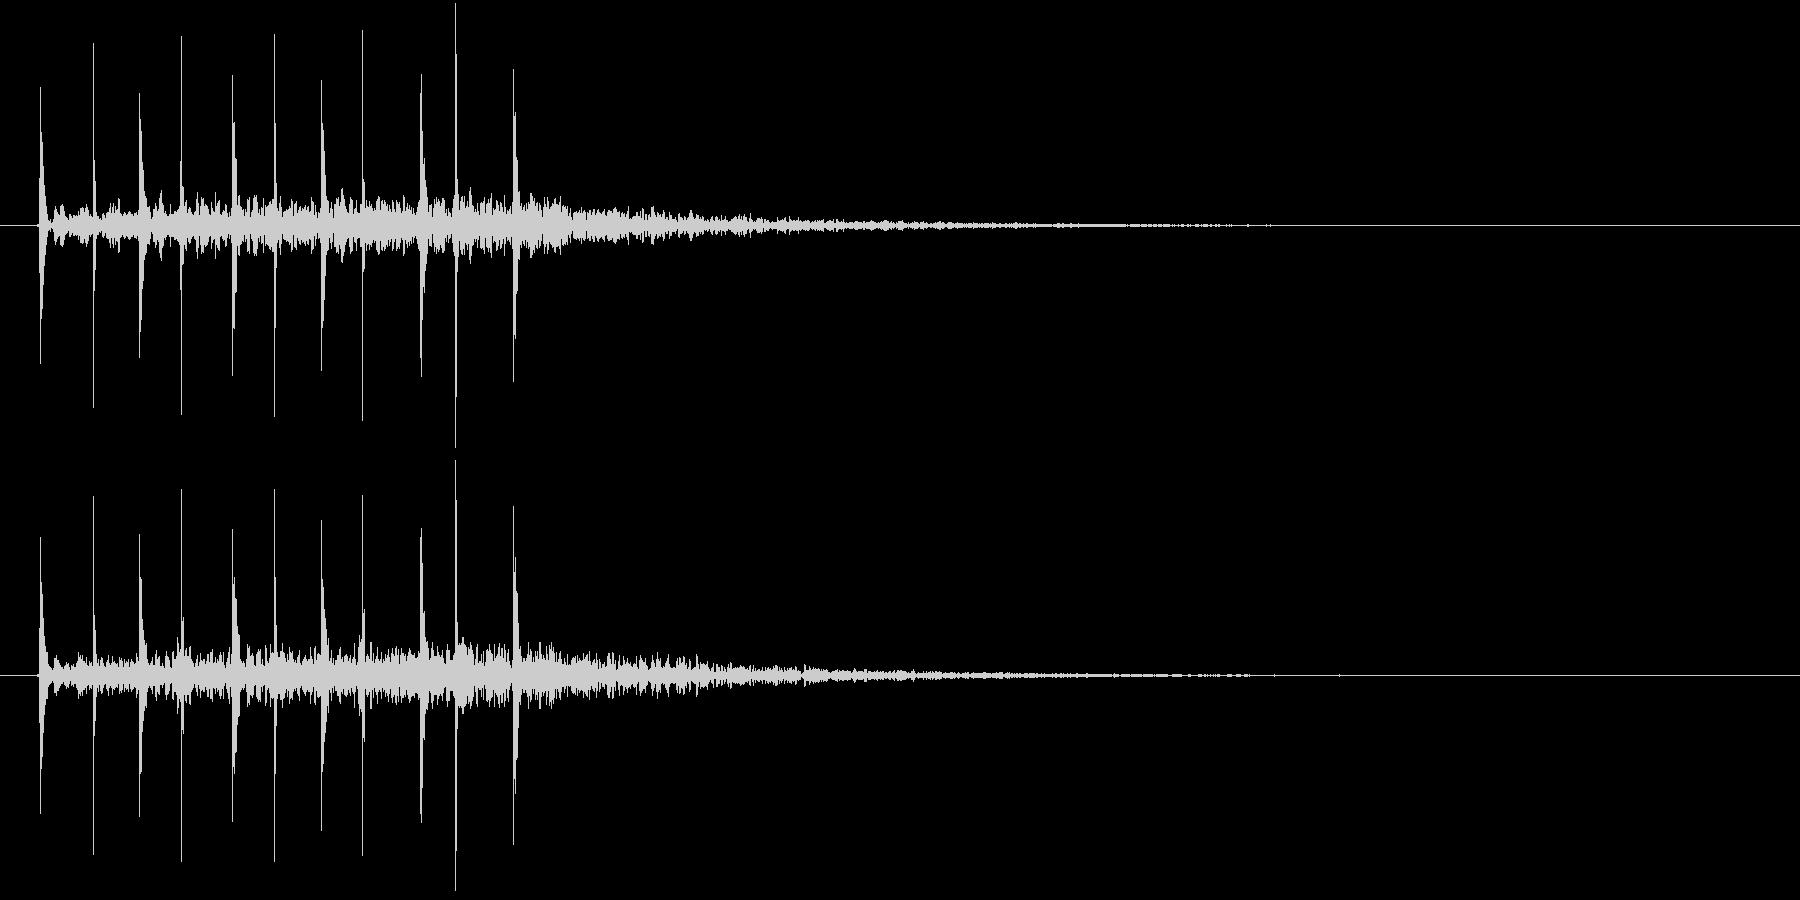 「トンテン・・」連打した石と石+リバーブの未再生の波形